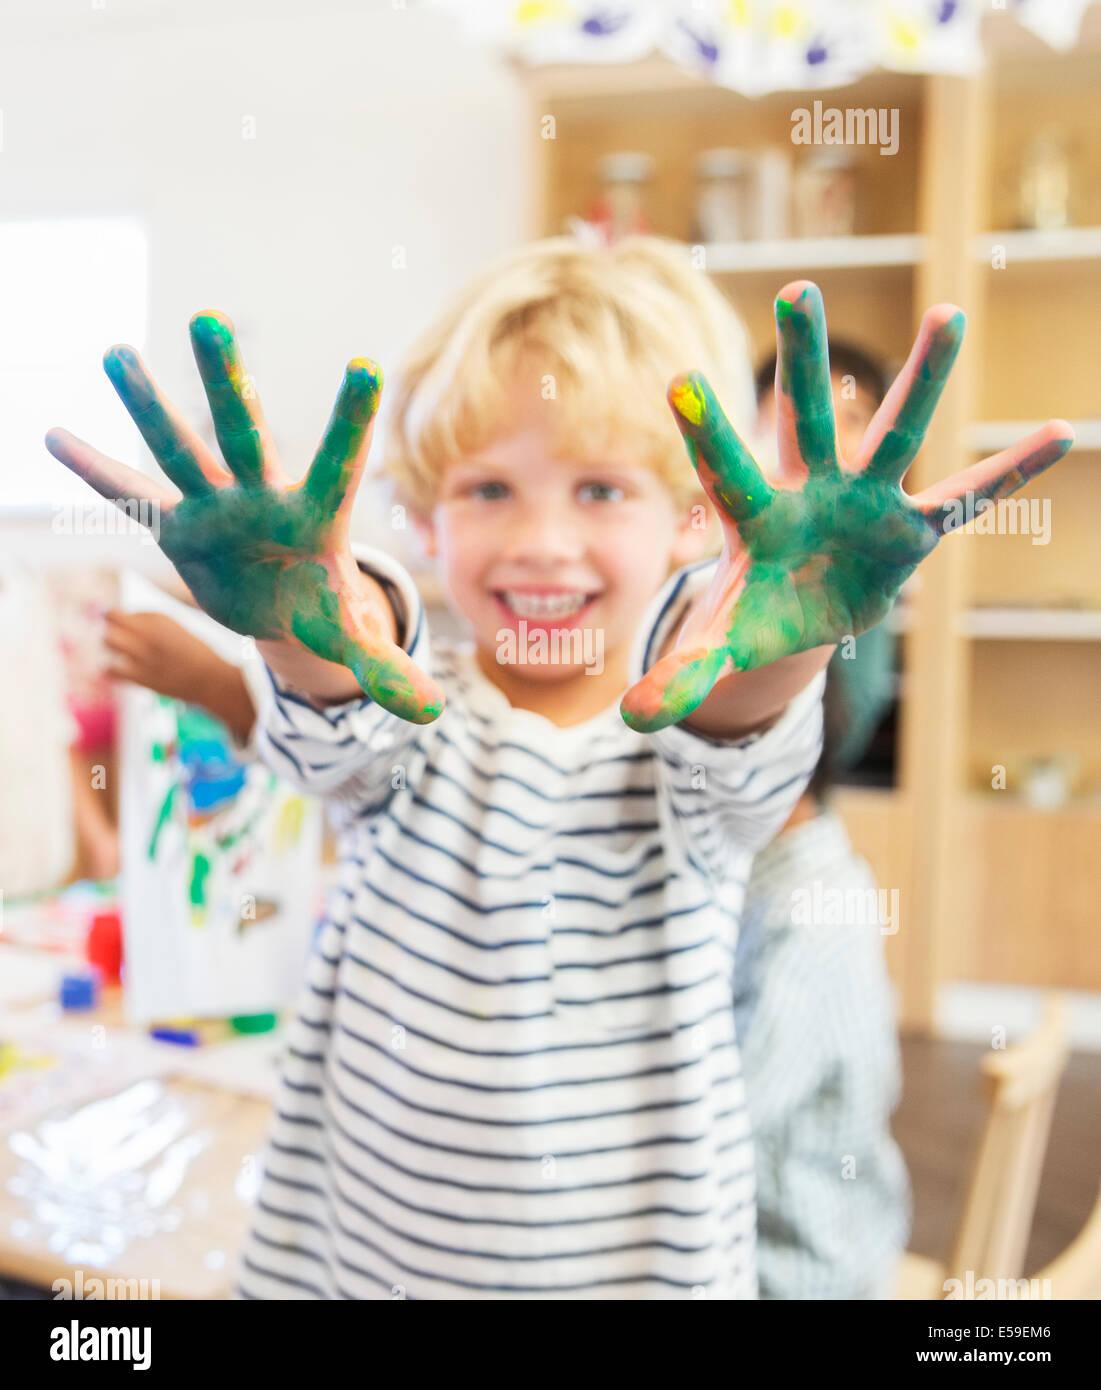 Estudiante mostrando las manos desordenadas en el aula Foto de stock